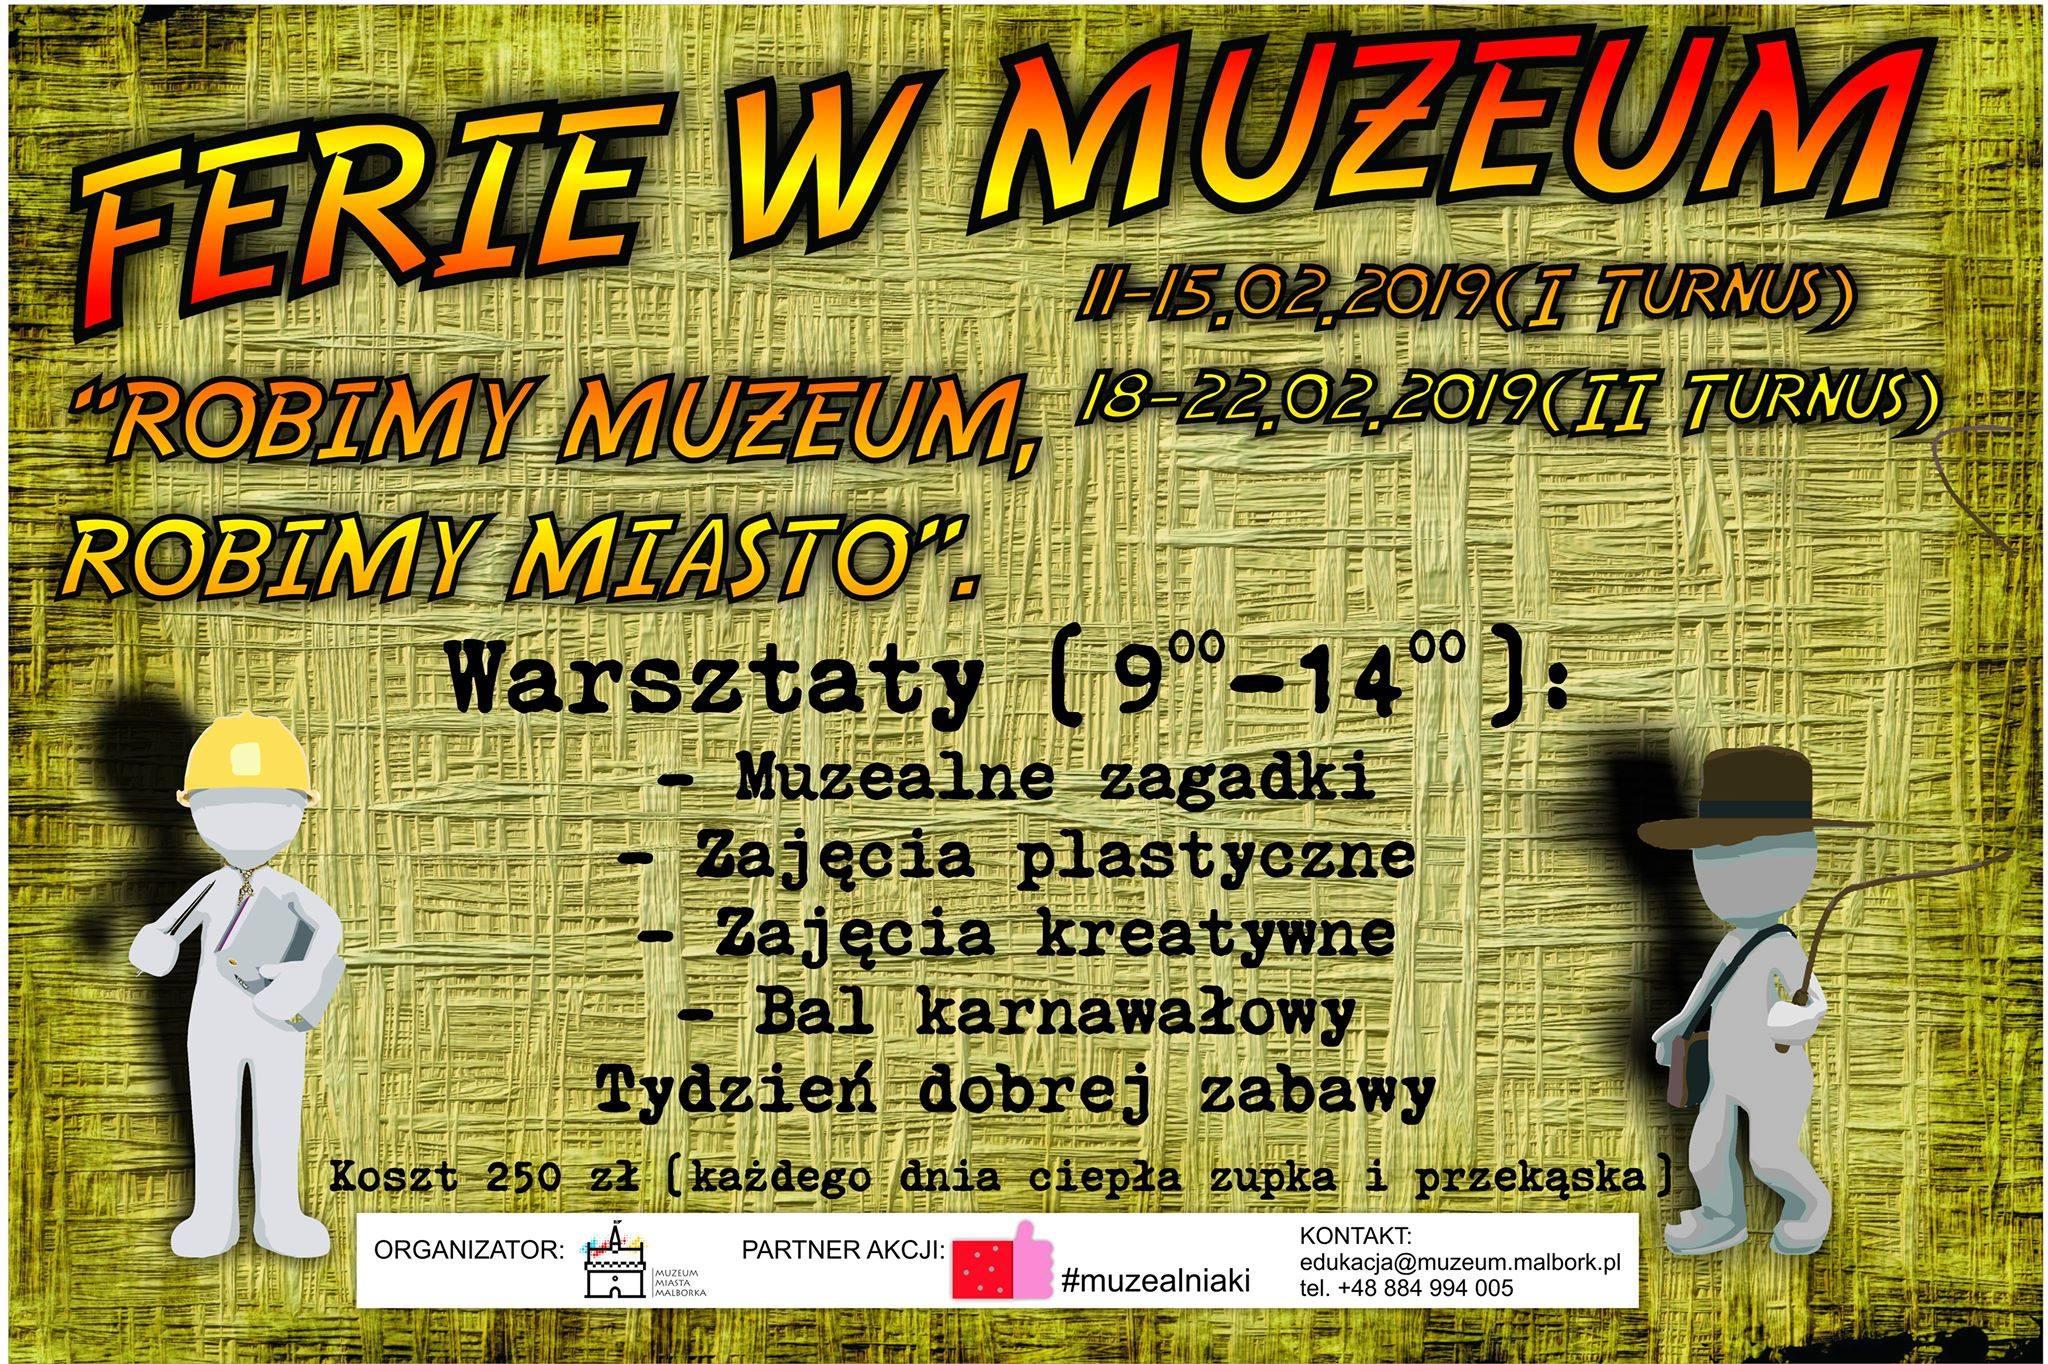 http://m.82-200.pl/2019/01/orig/muzeum-4058.jpg